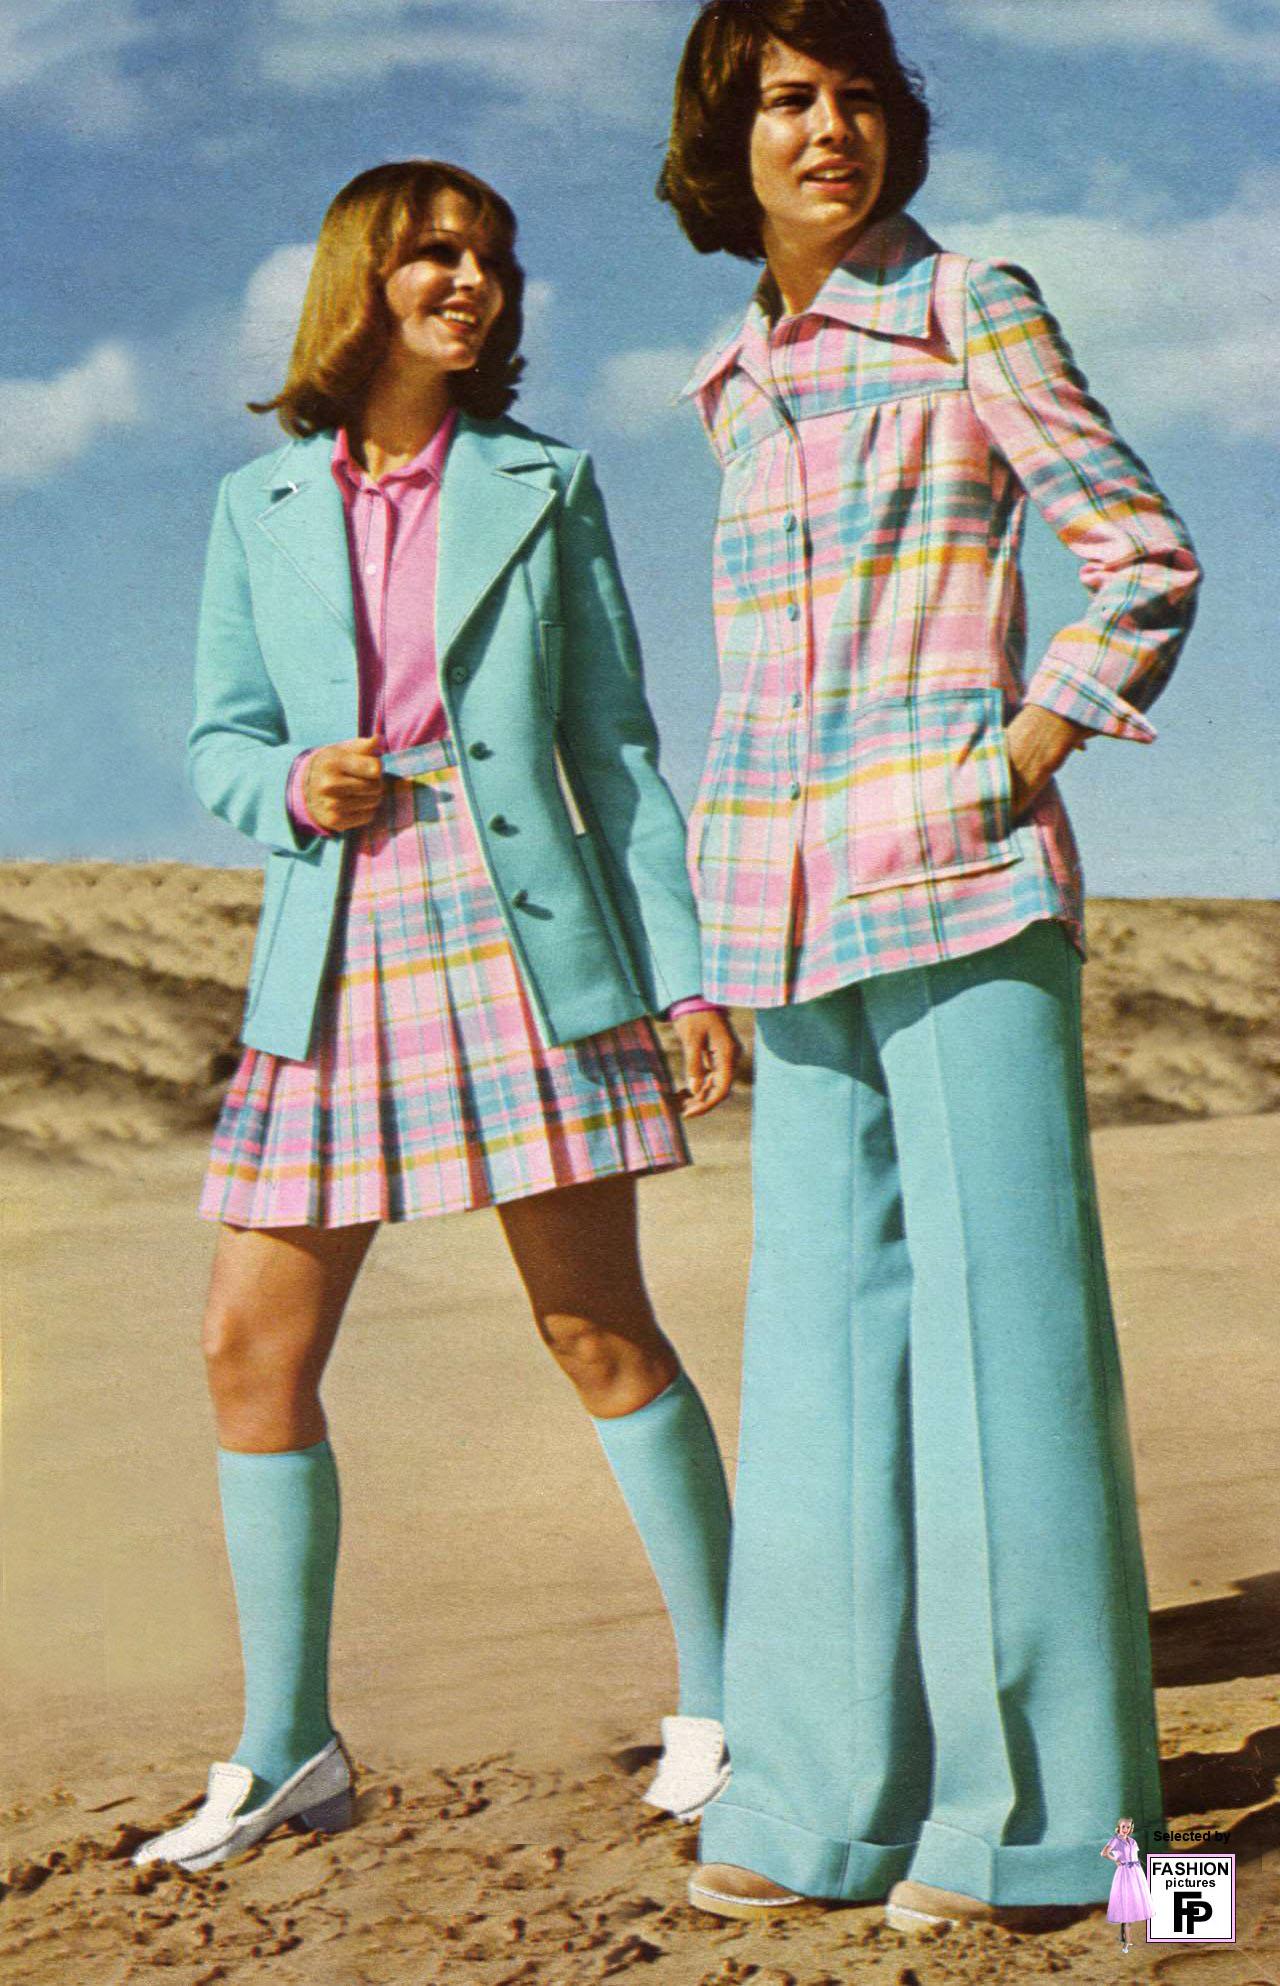 Ссср 70-х годов фото платья и прически